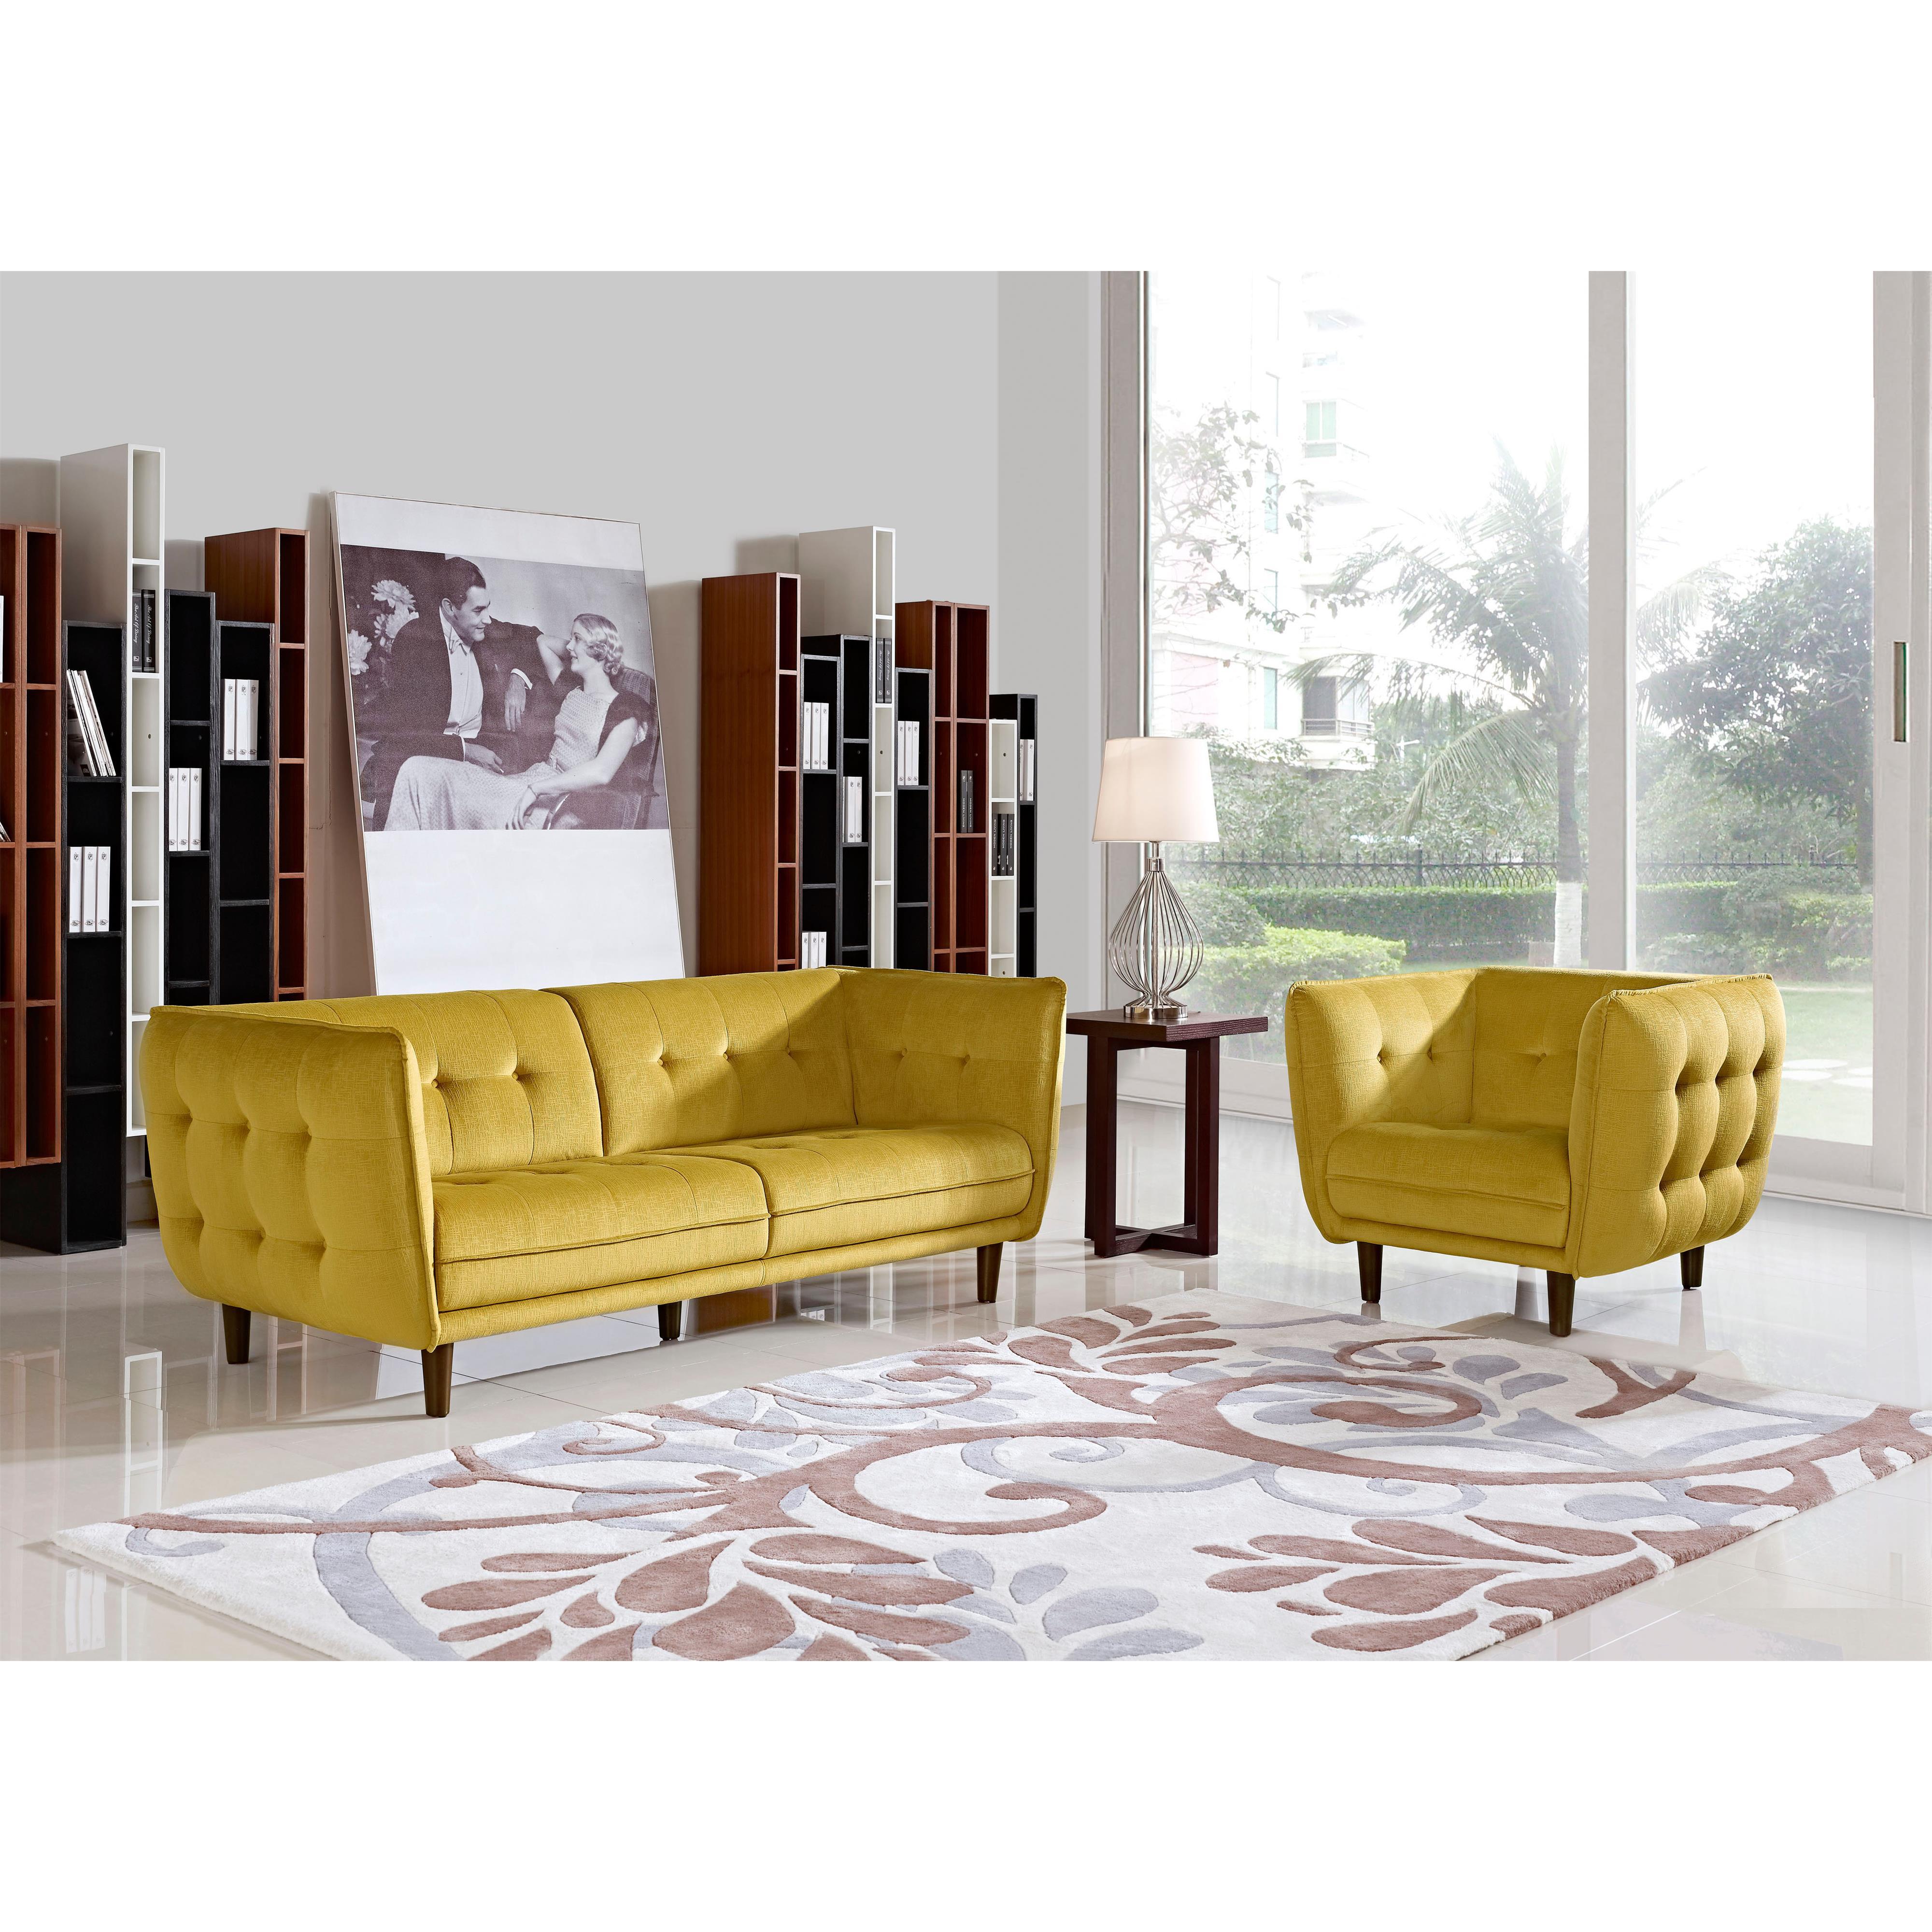 Diamond Sofa Venice Fabric Sofa & Chair 2-Piece Set - Item Number: VENICESCGD